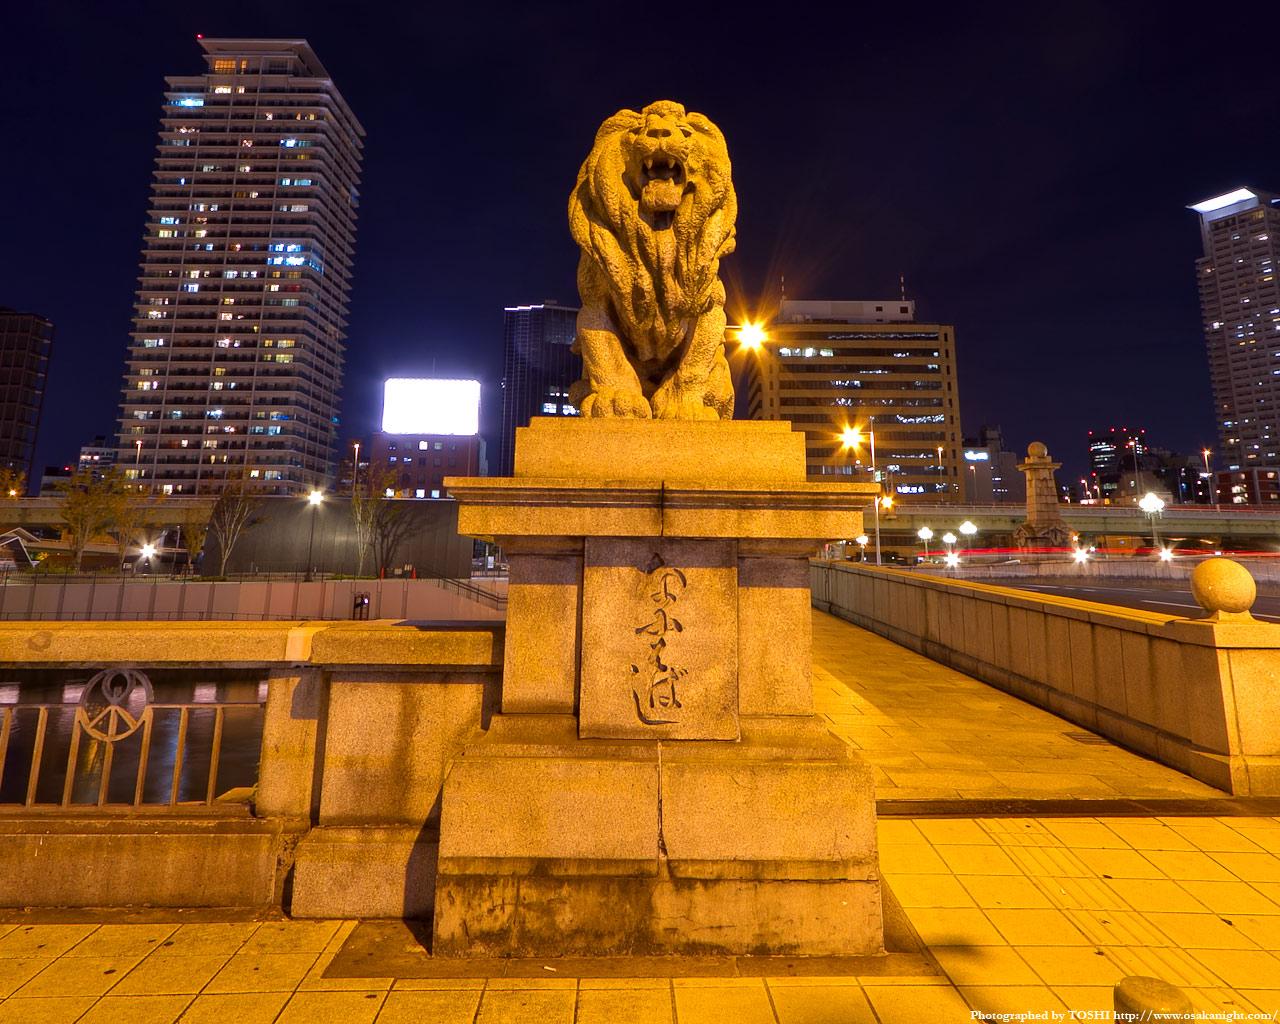 難波橋のライオン像(高欄の獅子)3